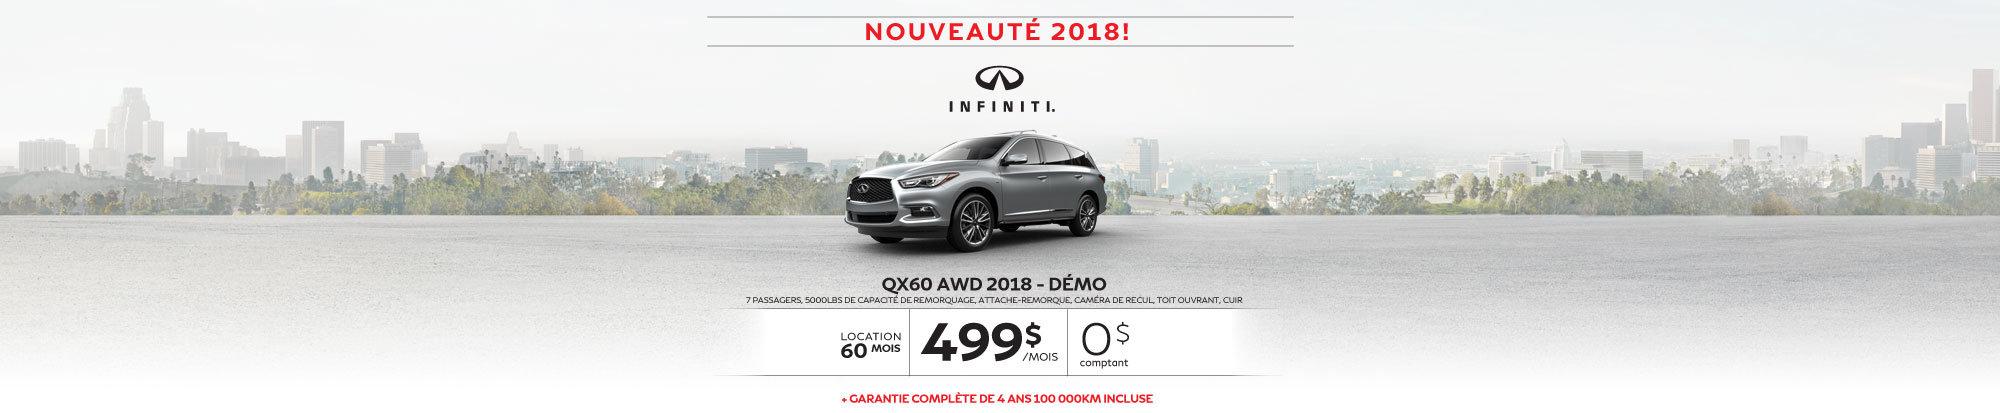 Le tout nouveau QX60 AWD 2018 web